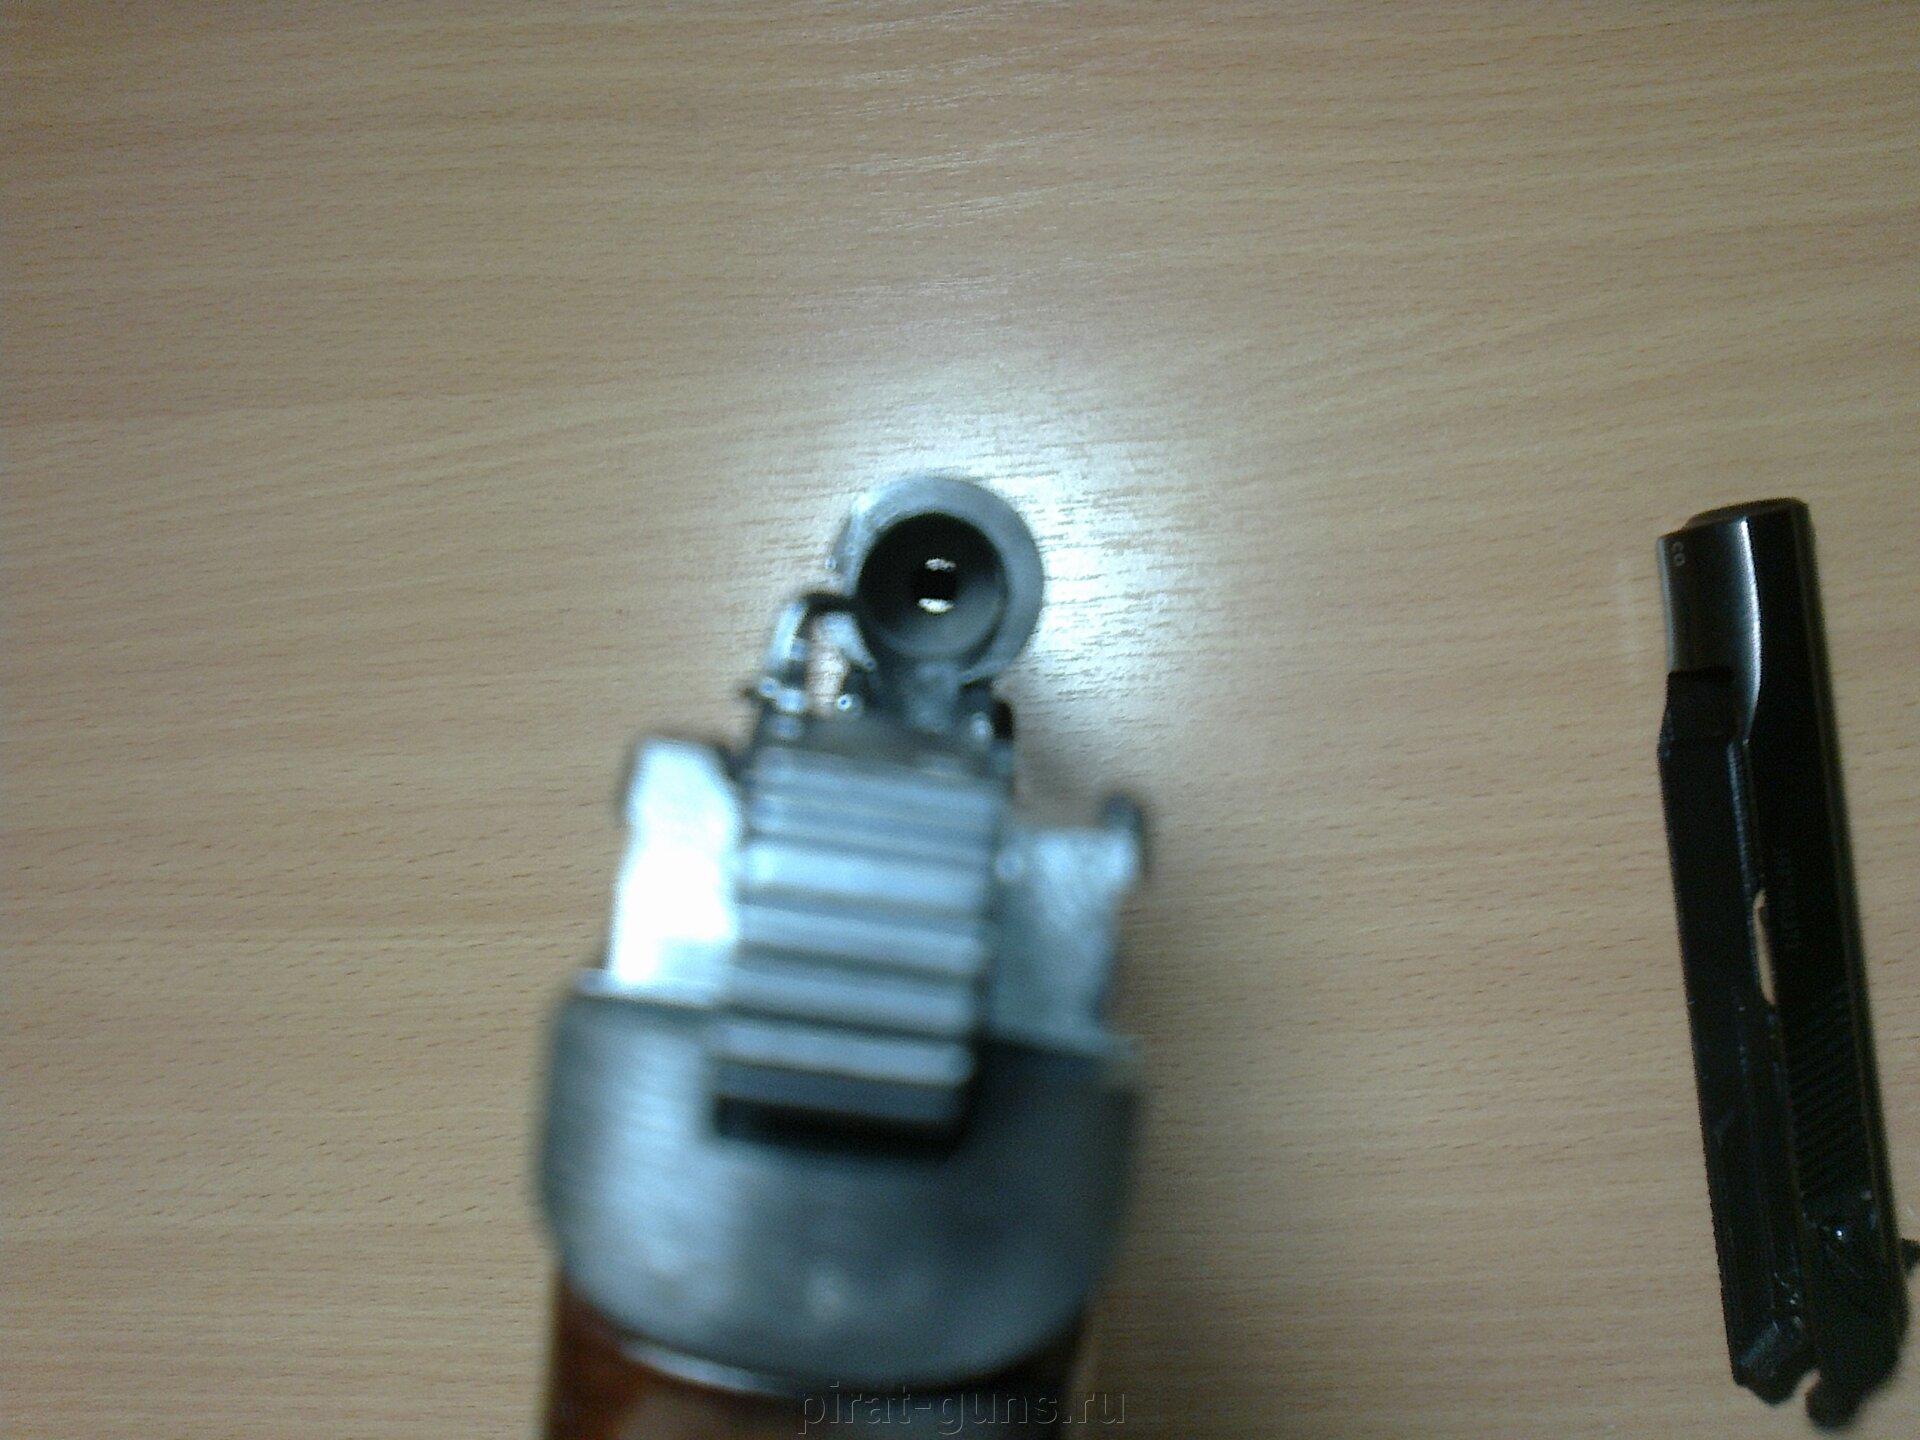 Охолощенный пистолет Макаров СО новый деактив - фото pic_d1845d0aca273b70031c66de09e0f2d7_1920x9000_1.jpg